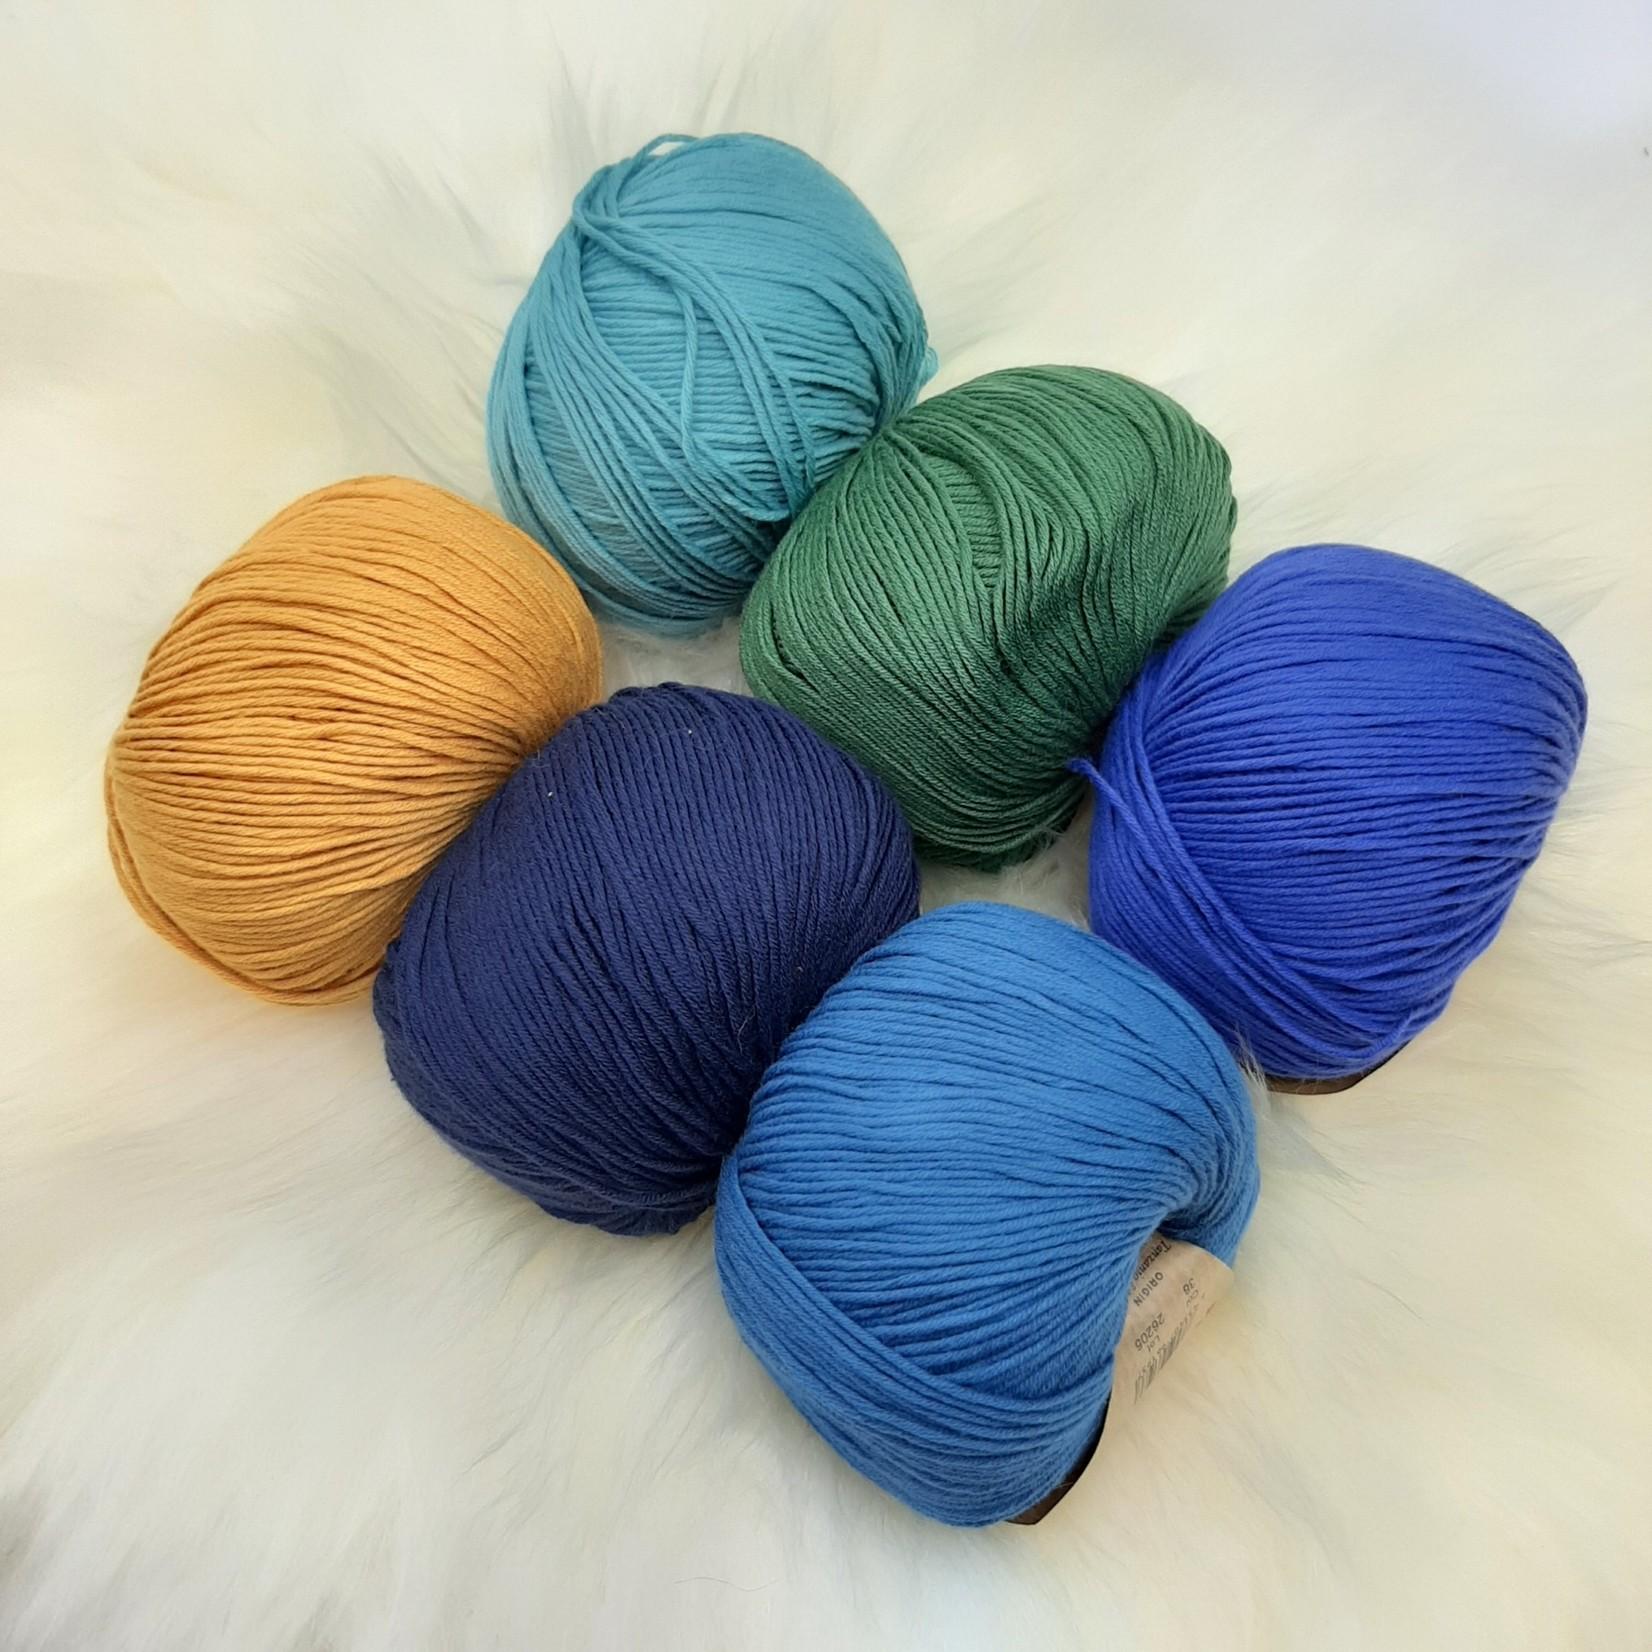 Katia Katia Fair Cotton - kleurenbundel Marokko- 6 x 50 gr. biol. katoen